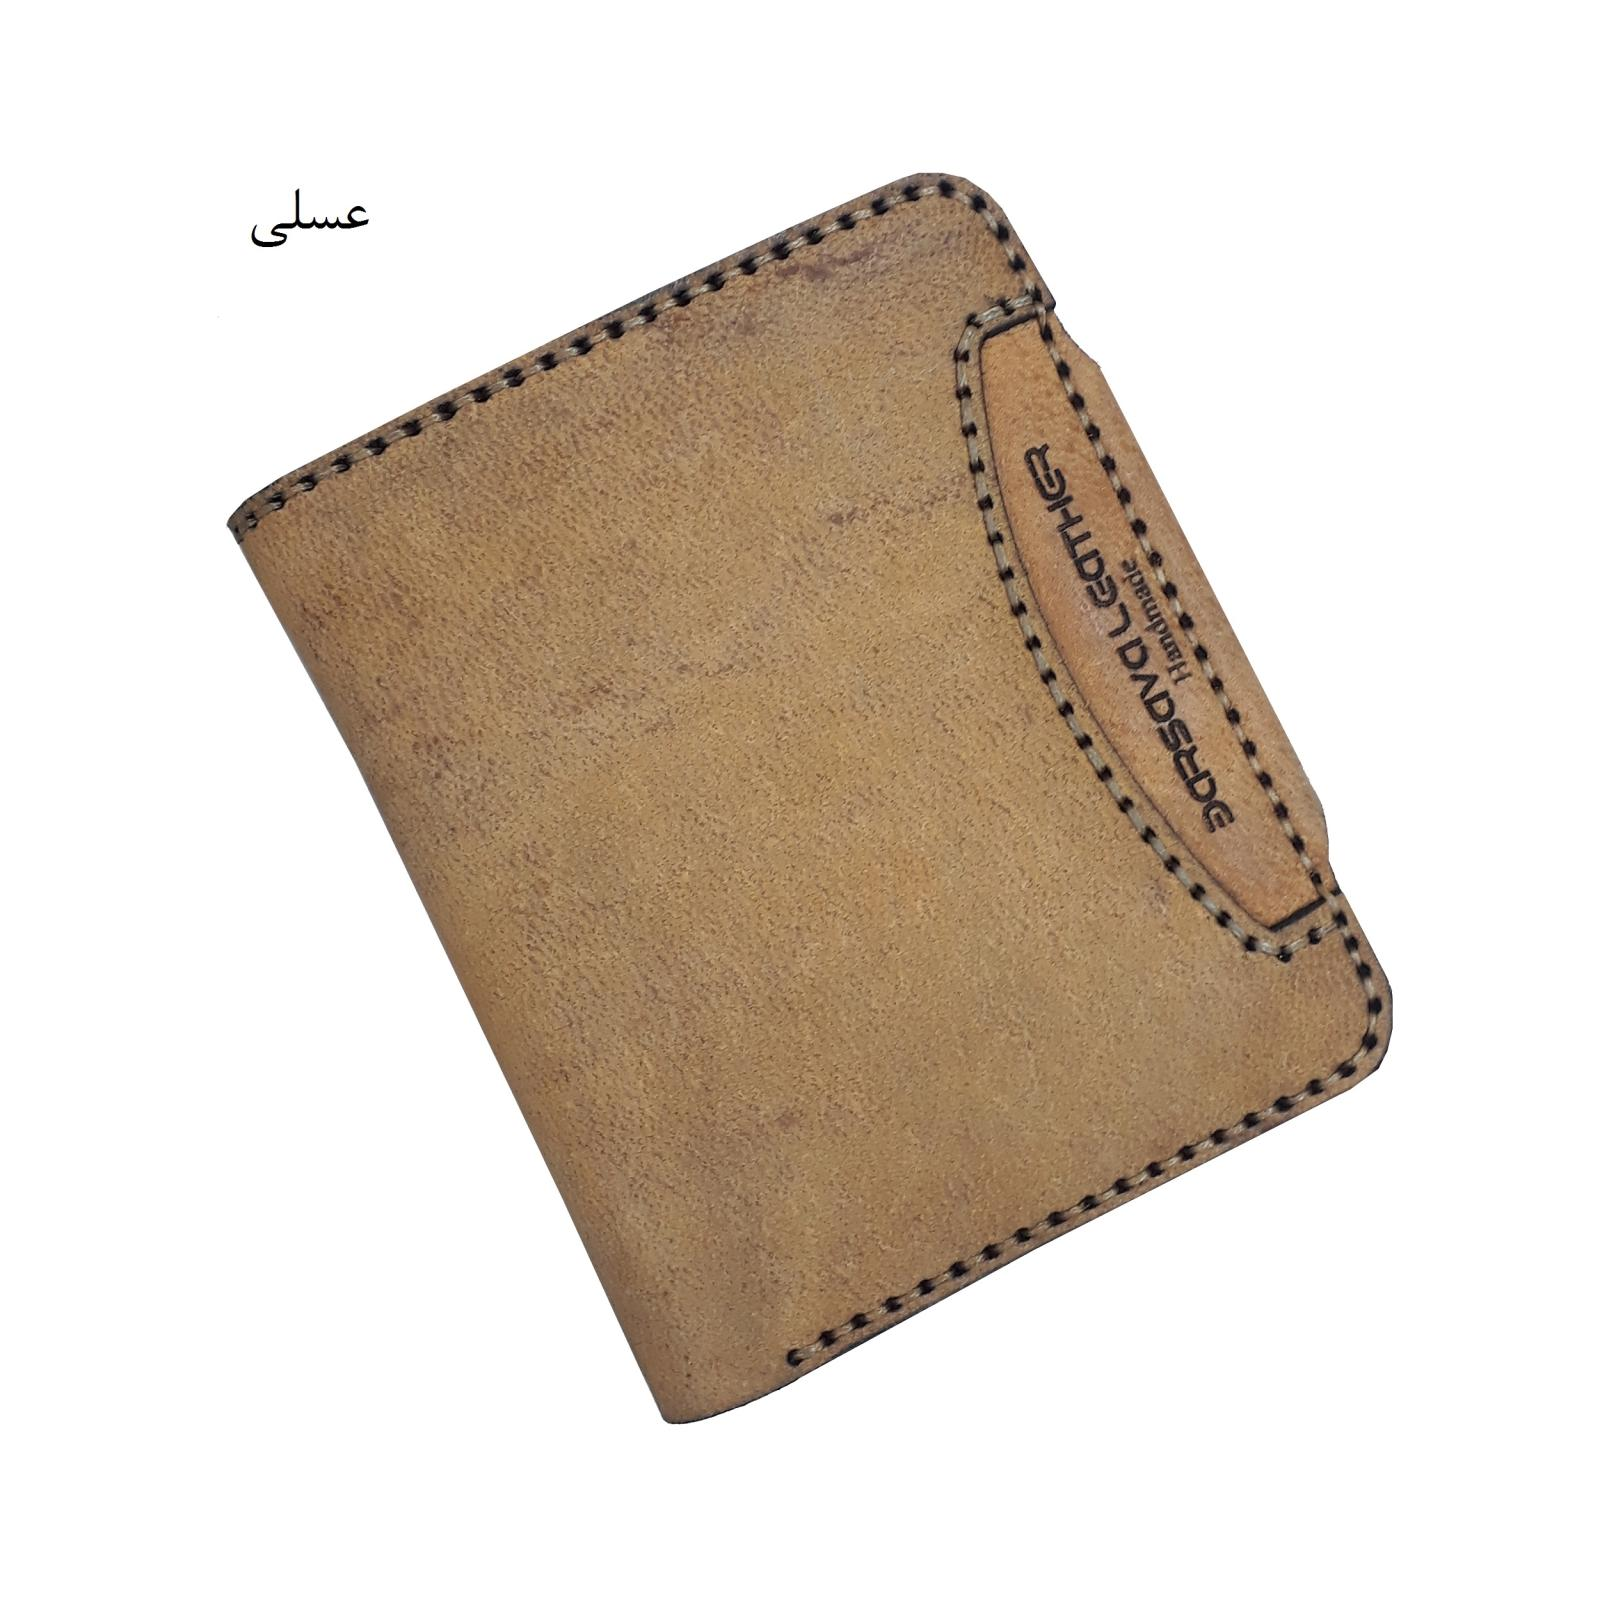 کیف پول مردانه چرم بارثاوا کد 1510 -  - 2